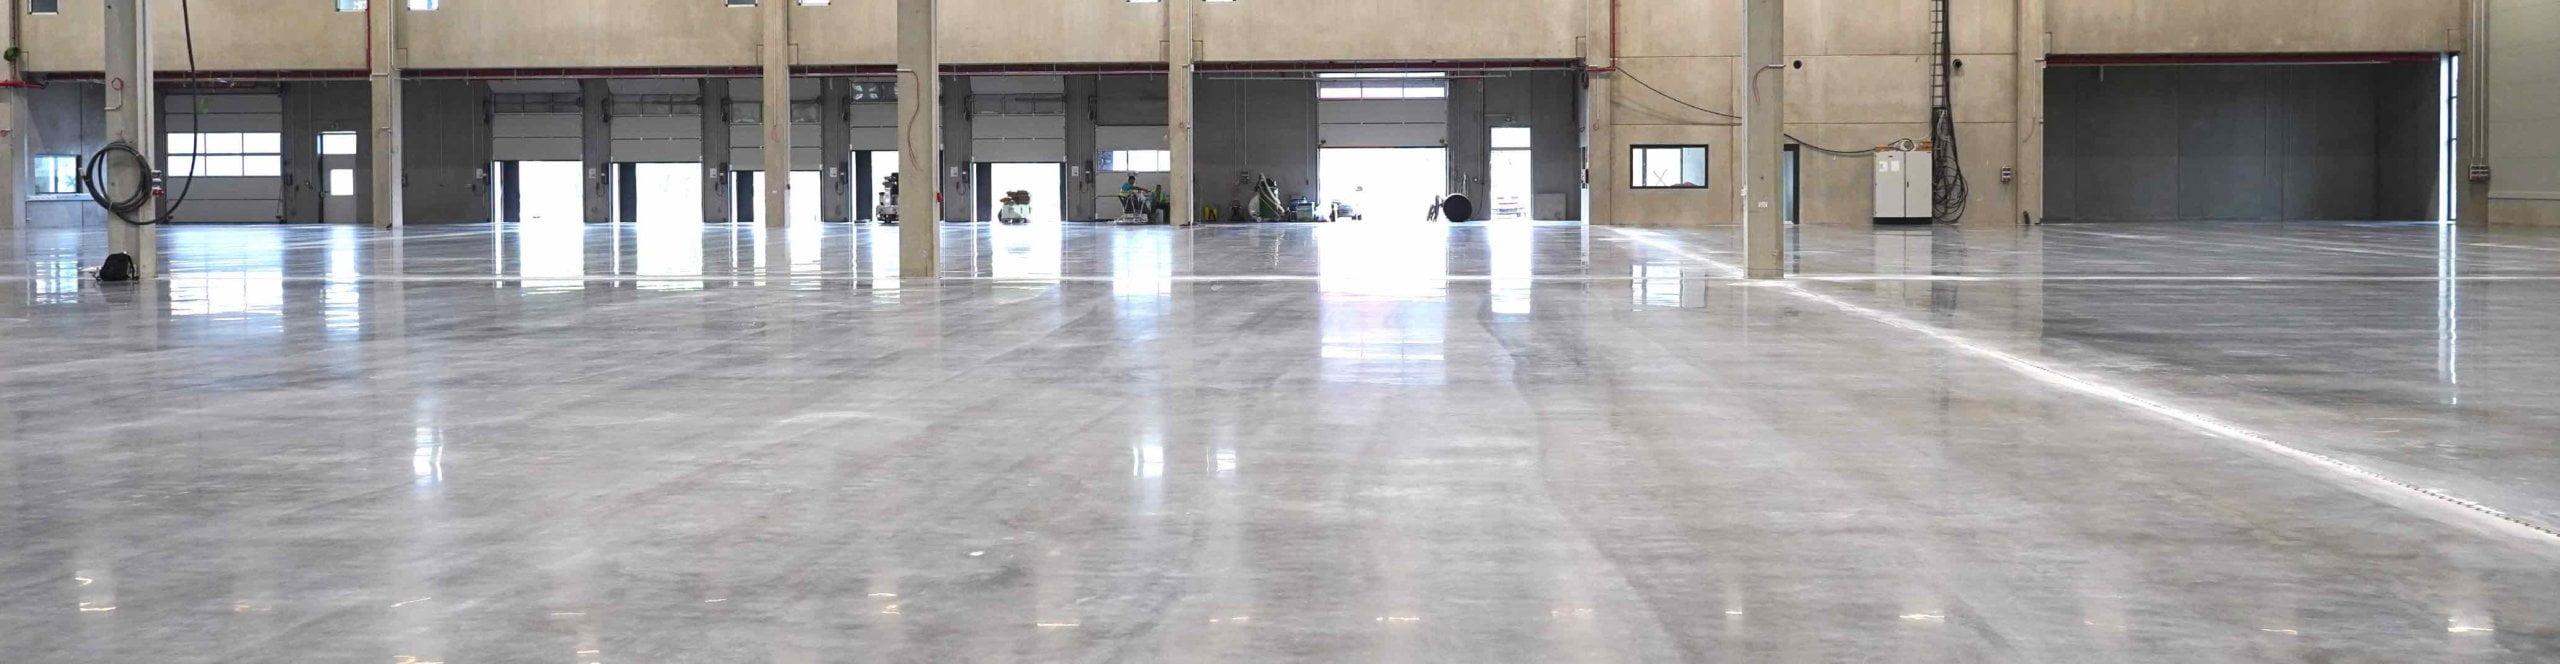 Surface concrete treatment